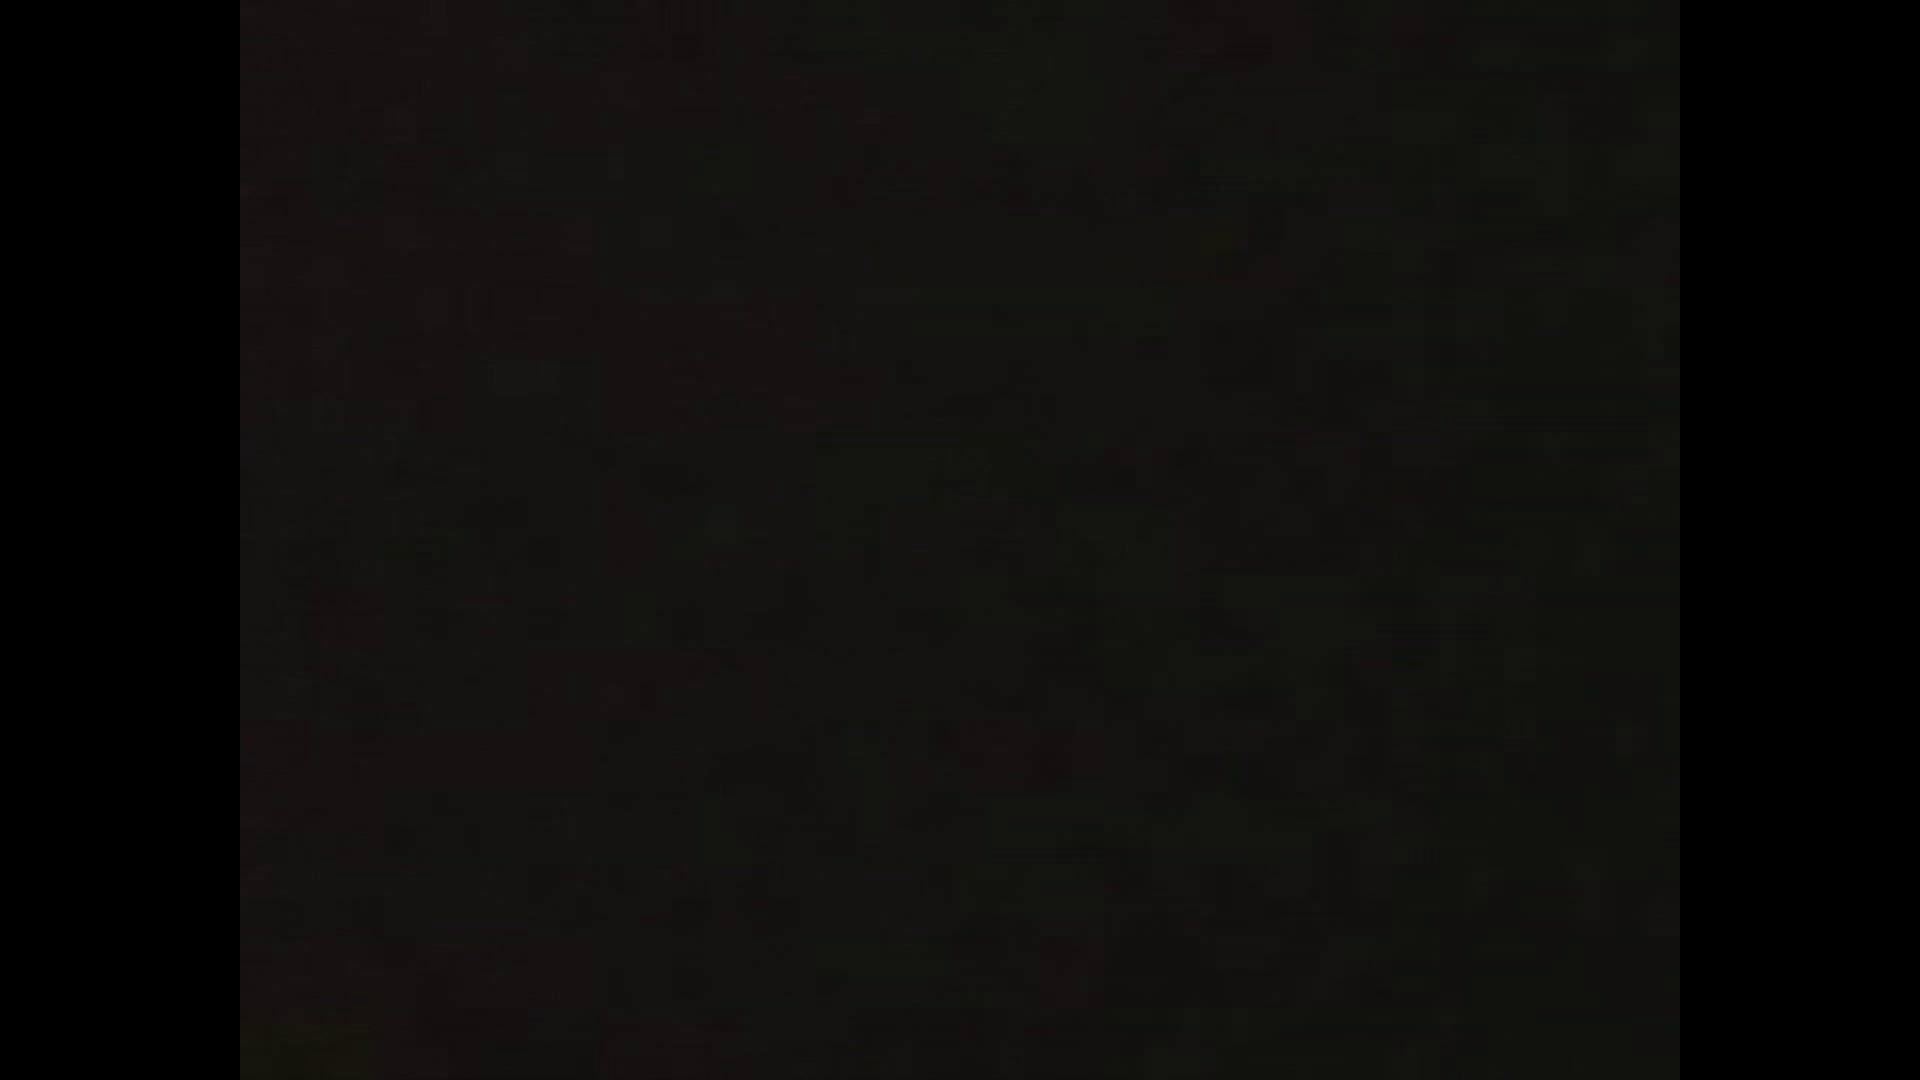 ノンケイケメンの欲望と肉棒 Vol.20 ノンケ  111枚 66